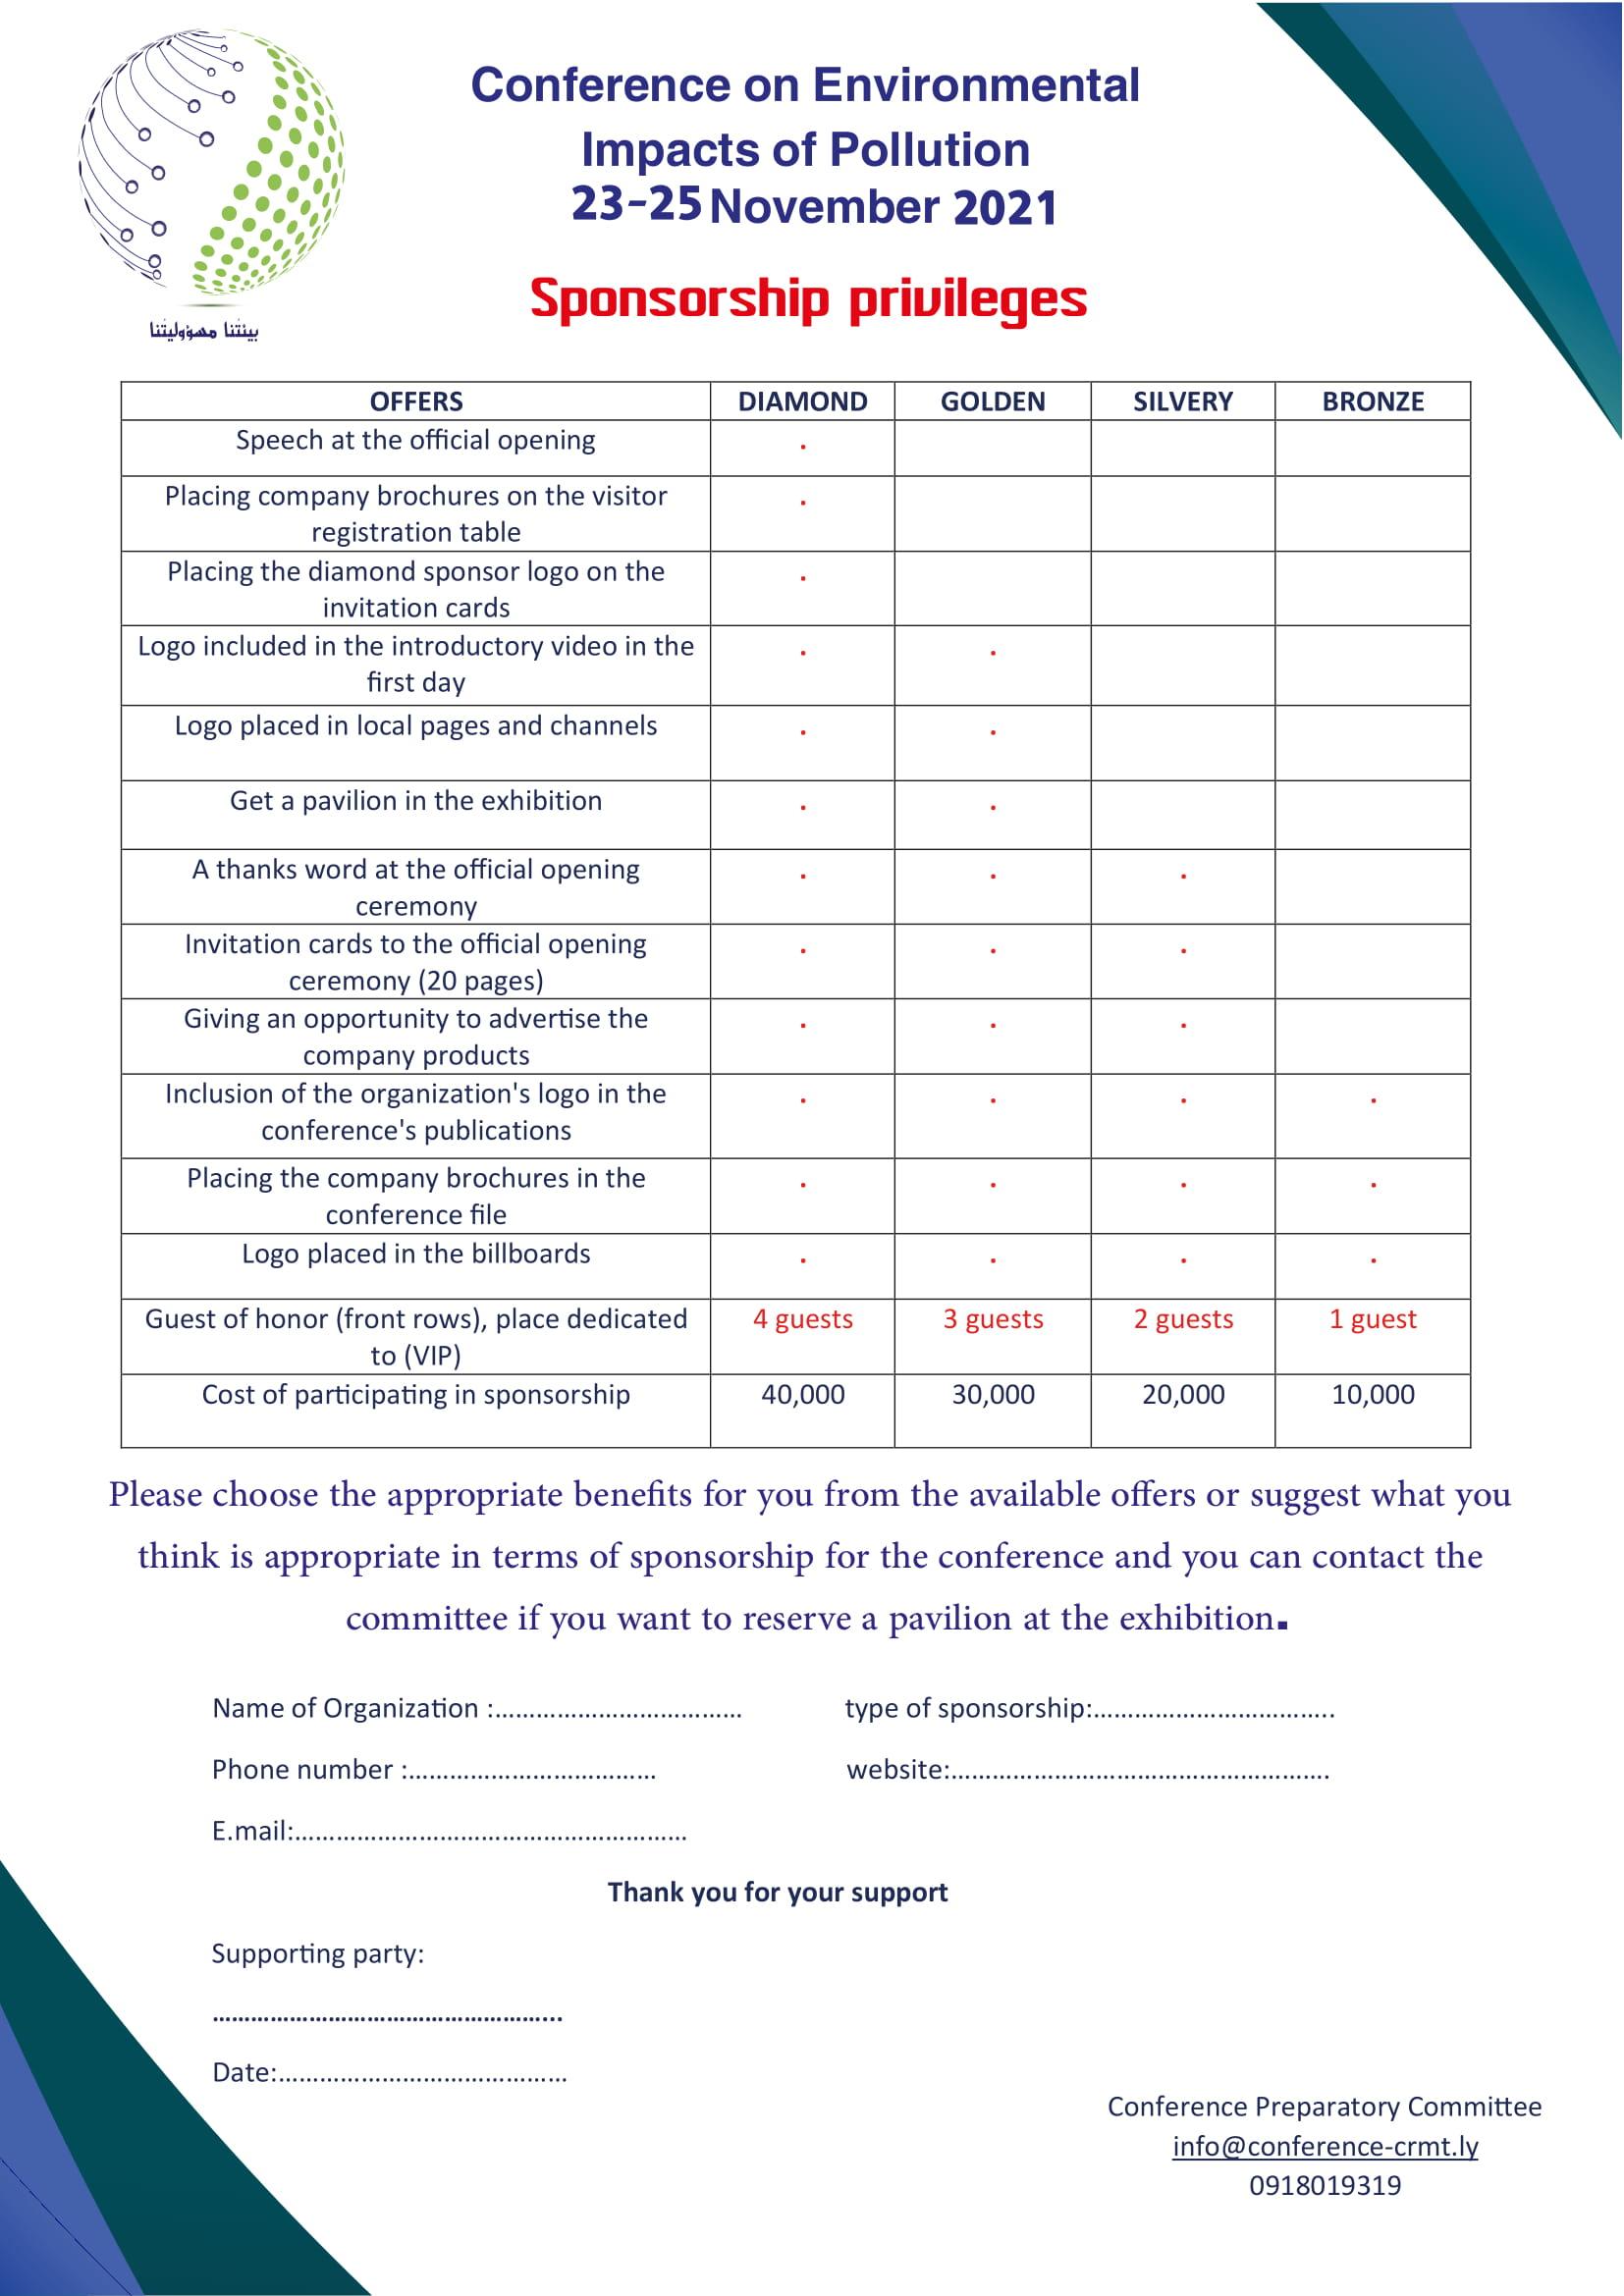 نموذج الرعاية-2